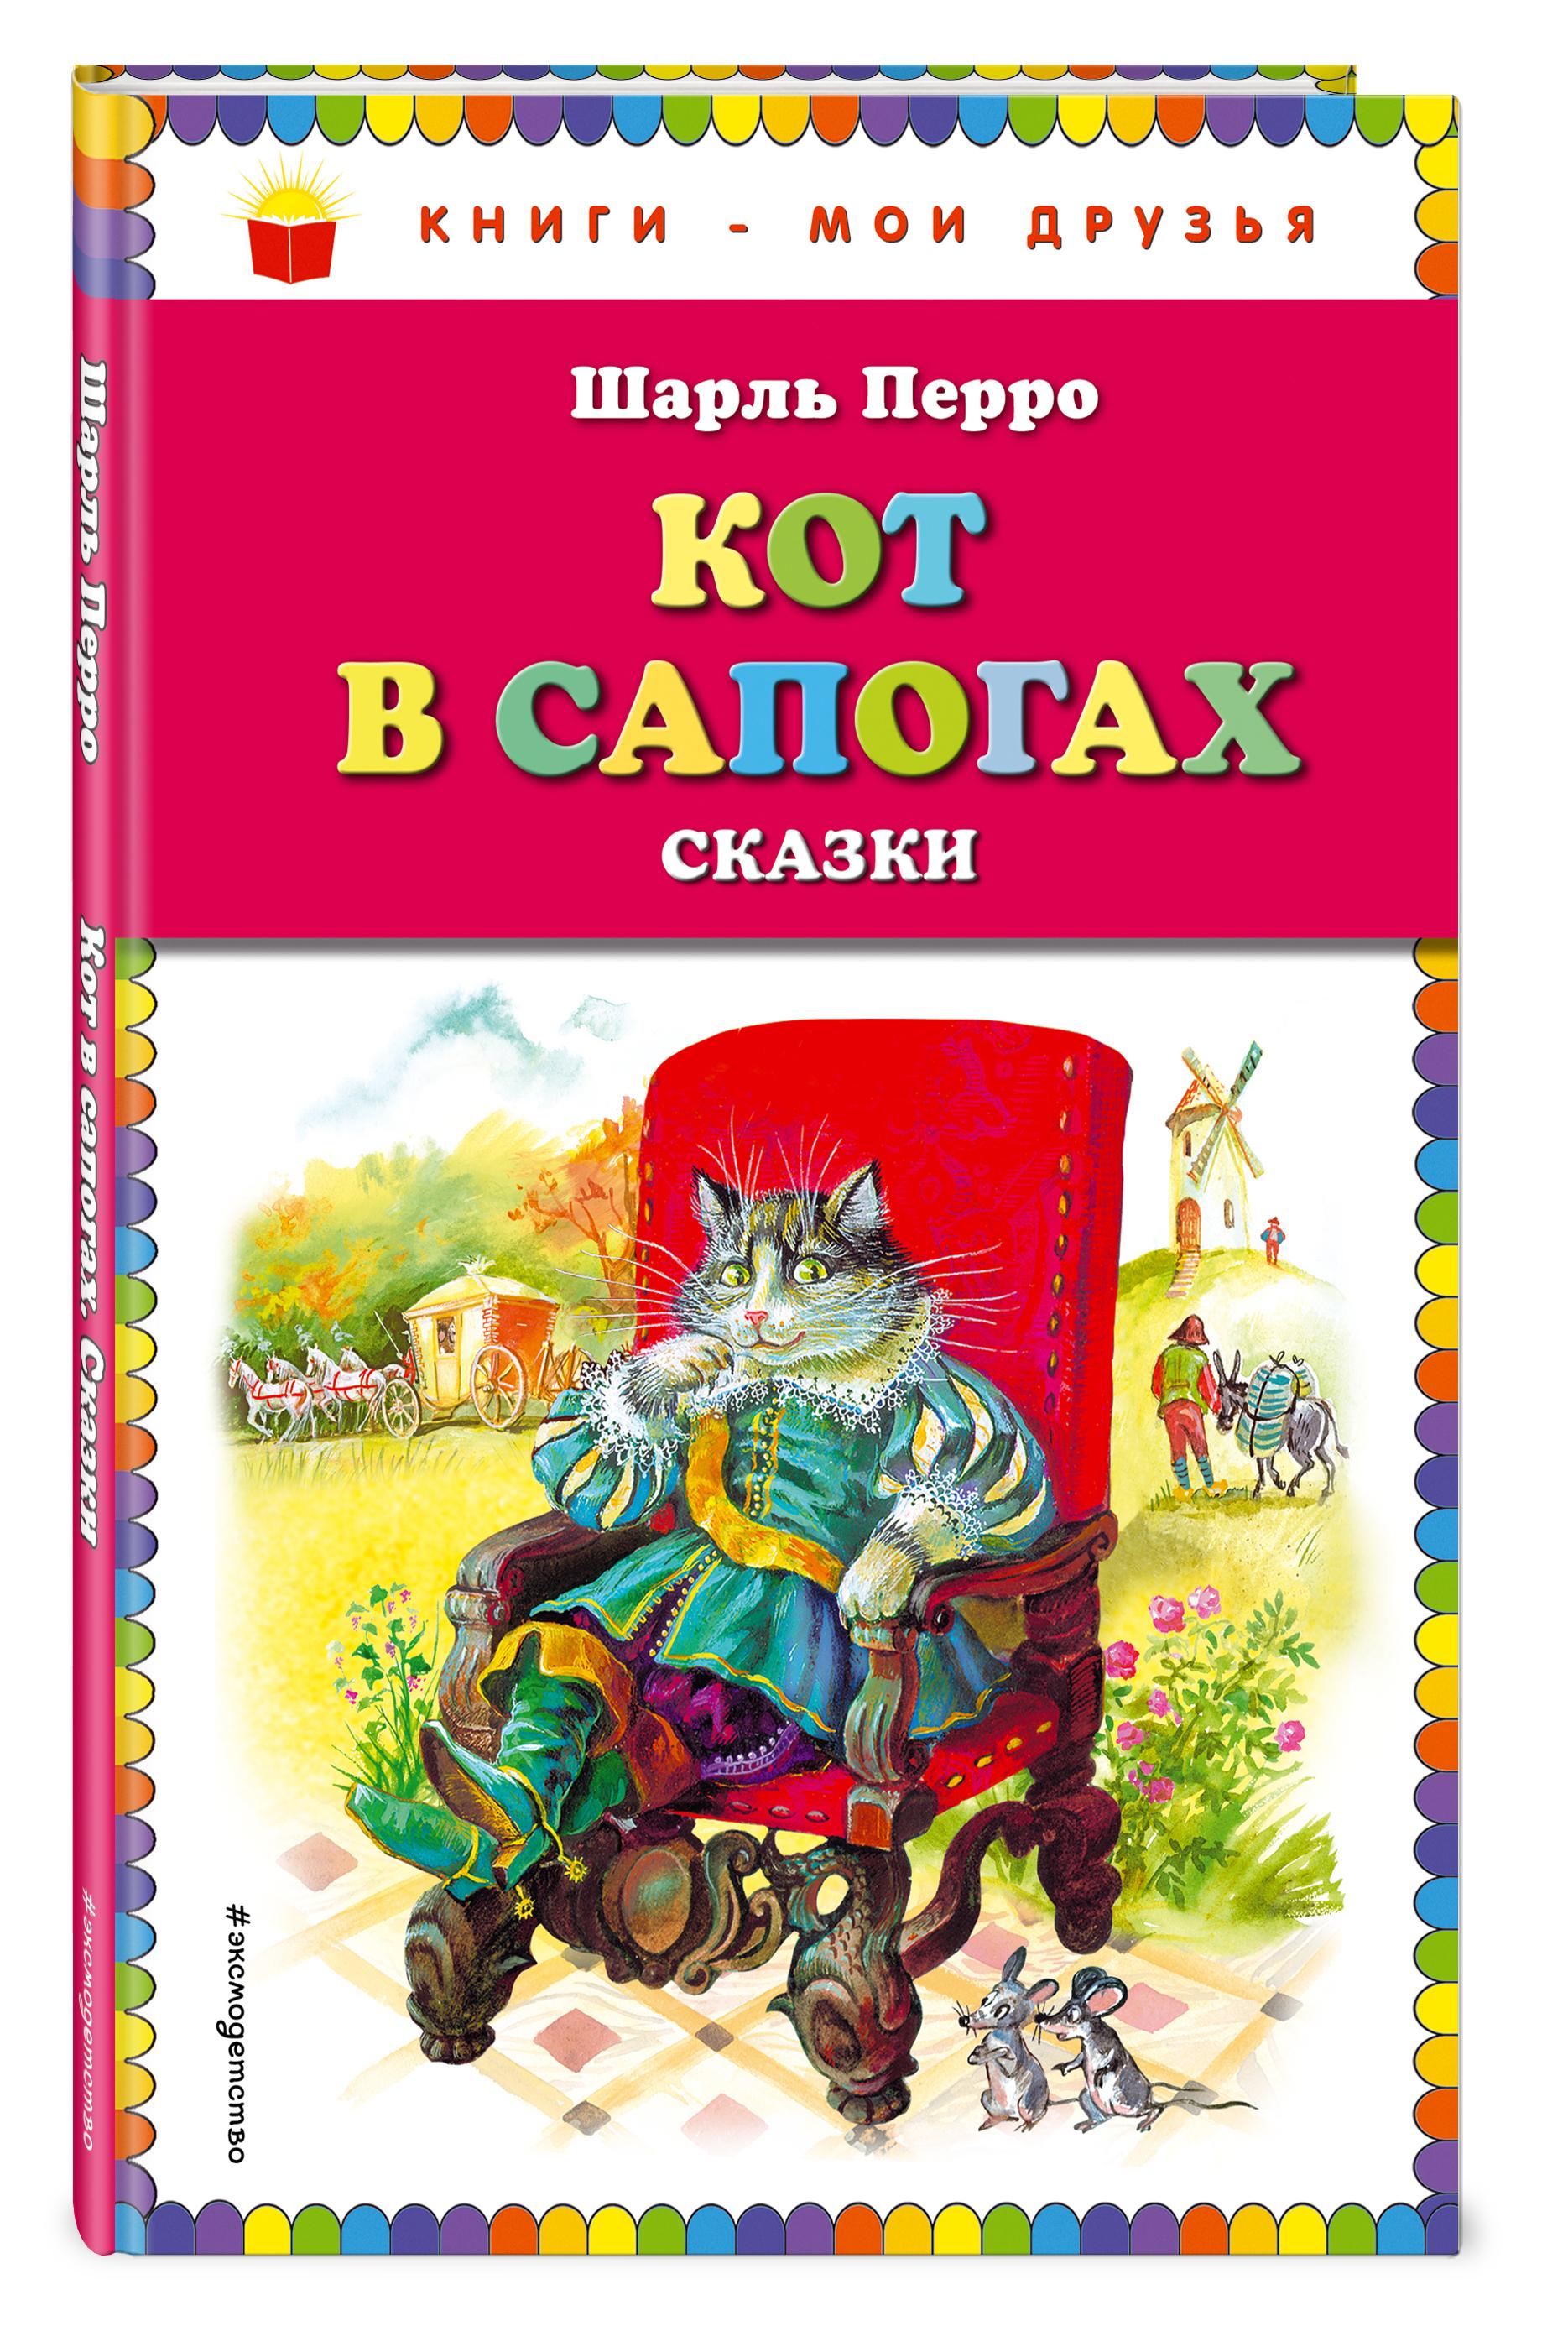 Шарль Перро Кот в сапогах. Сказки смф сказки бл кот в сапогах 11094